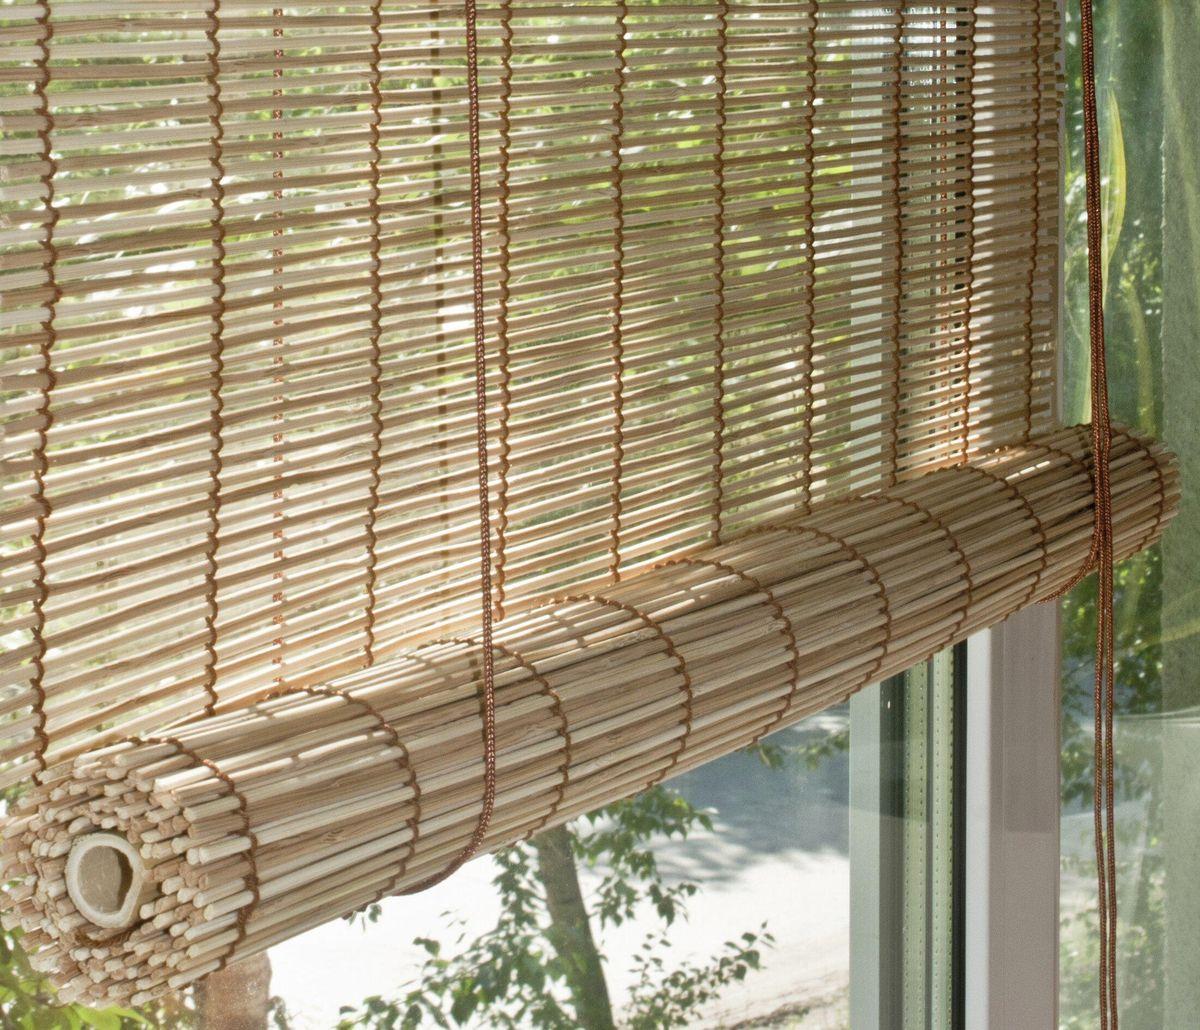 Штора рулонная Эскар Бамбук, цвет: натуральный микс, ширина 50 см, высота 160 см71909050180При оформлении интерьера современных помещений многие отдают предпочтение природным материалам. Бамбуковые рулонные шторы - одно из натуральных изделий, способное сделать атмосферу помещения более уютной и в то же время необычной. Свойства бамбука уникальны: он экологически чист, так как быстро вырастает, благодаря чему не успевает накопить вредные вещества из окружающей среды. Кроме того, растение обладает противомикробным и антибактериальным действием. Занавеси из бамбука безопасно использовать в помещениях, где находятся новорожденные дети и люди, склонные к аллергии. Они незаменимы для тех, кто заботится о своем здоровье и уделяет внимание высокому уровню жизни.Бамбуковые рулонные шторы представляют собой полотно, состоящее из тонких бамбуковых стеблей и сворачиваемое в рулон.Римские бамбуковые шторы, как и тканевые римские шторы, при поднятии образуют крупные складки, которые прекрасно декорируют окно.Особенность устройства полотна позволяет свободно пропускать дневной свет, что обеспечивает мягкое освещение комнаты. Это натуральный влагостойкий материал, который легко вписывается в любой интерьер, хорошо сочетается с различной мебелью и элементами отделки. Использование бамбукового полотна придает помещению необычный вид и визуально расширяет пространство.Помимо внешней красоты, это еще и очень удобные конструкции, экономящие пространство. Изготавливаются они из специальных материалов, устойчивых к внешним воздействиям. Сама штора очень эргономичная, и позволяет изменять визуально пространство в зависимости от потребностей владельца.